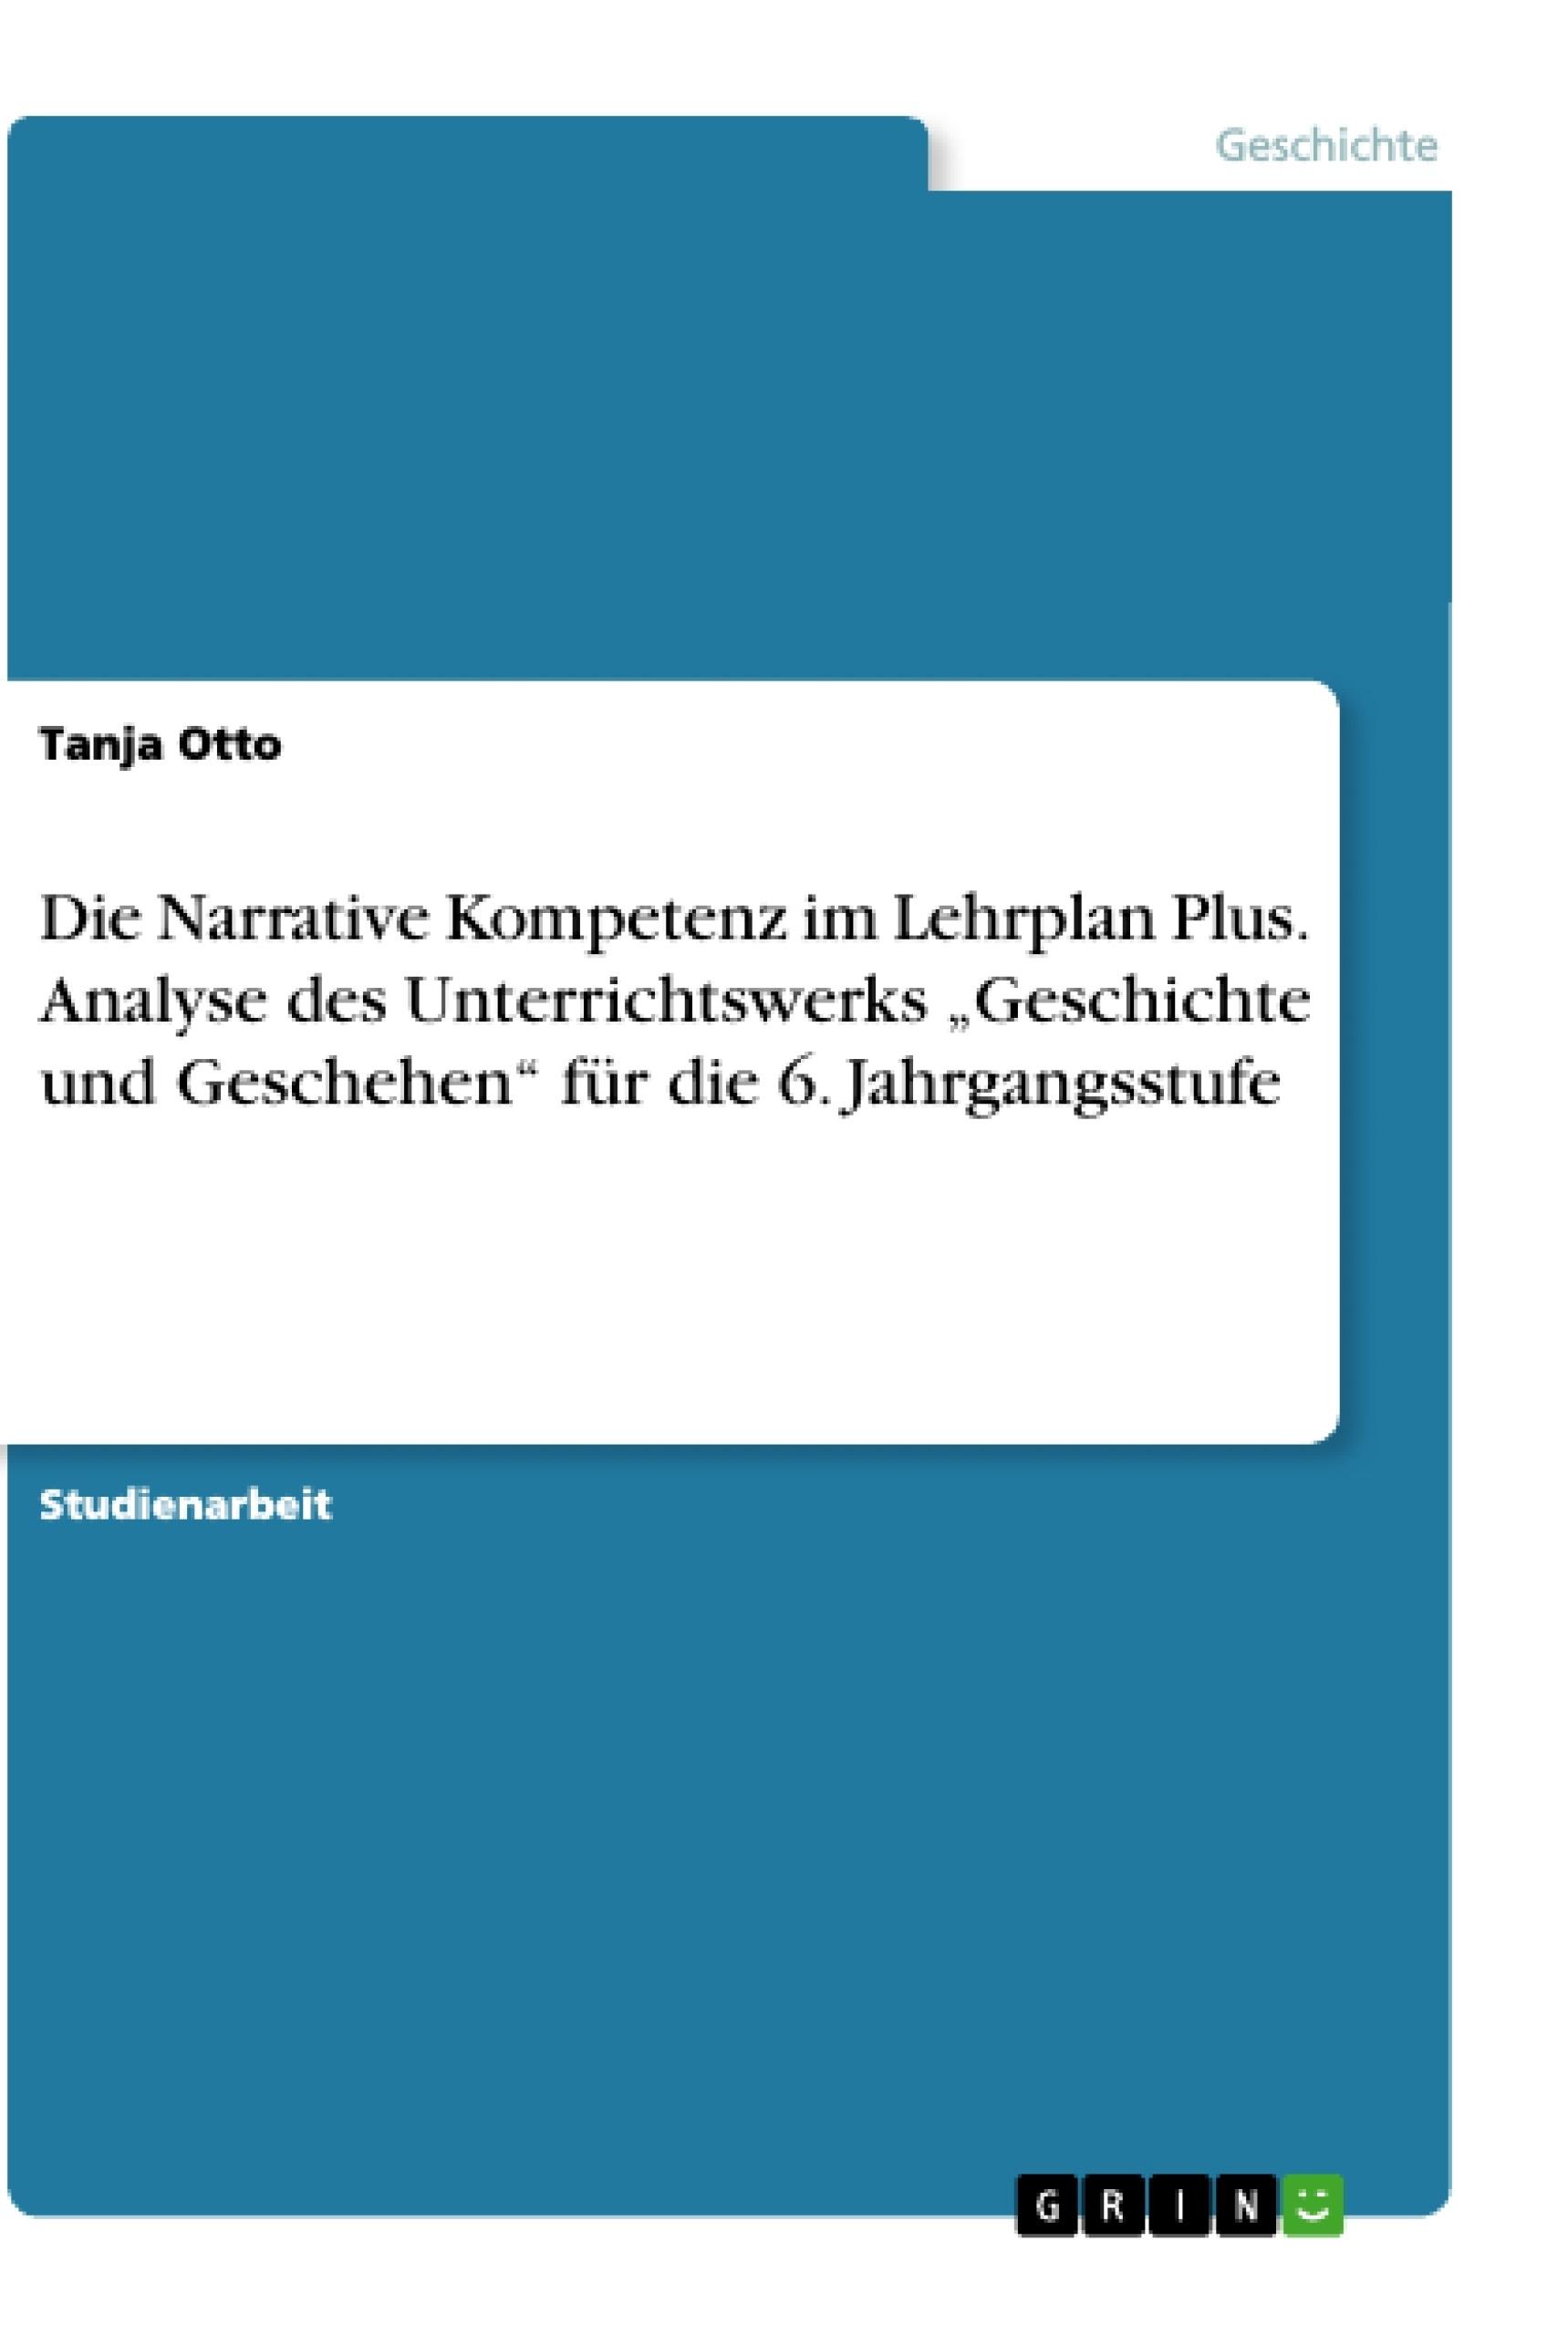 """Titel: Die Narrative Kompetenz im Lehrplan Plus. Analyse des Unterrichtswerks """"Geschichte und Geschehen"""" für die 6. Jahrgangsstufe"""